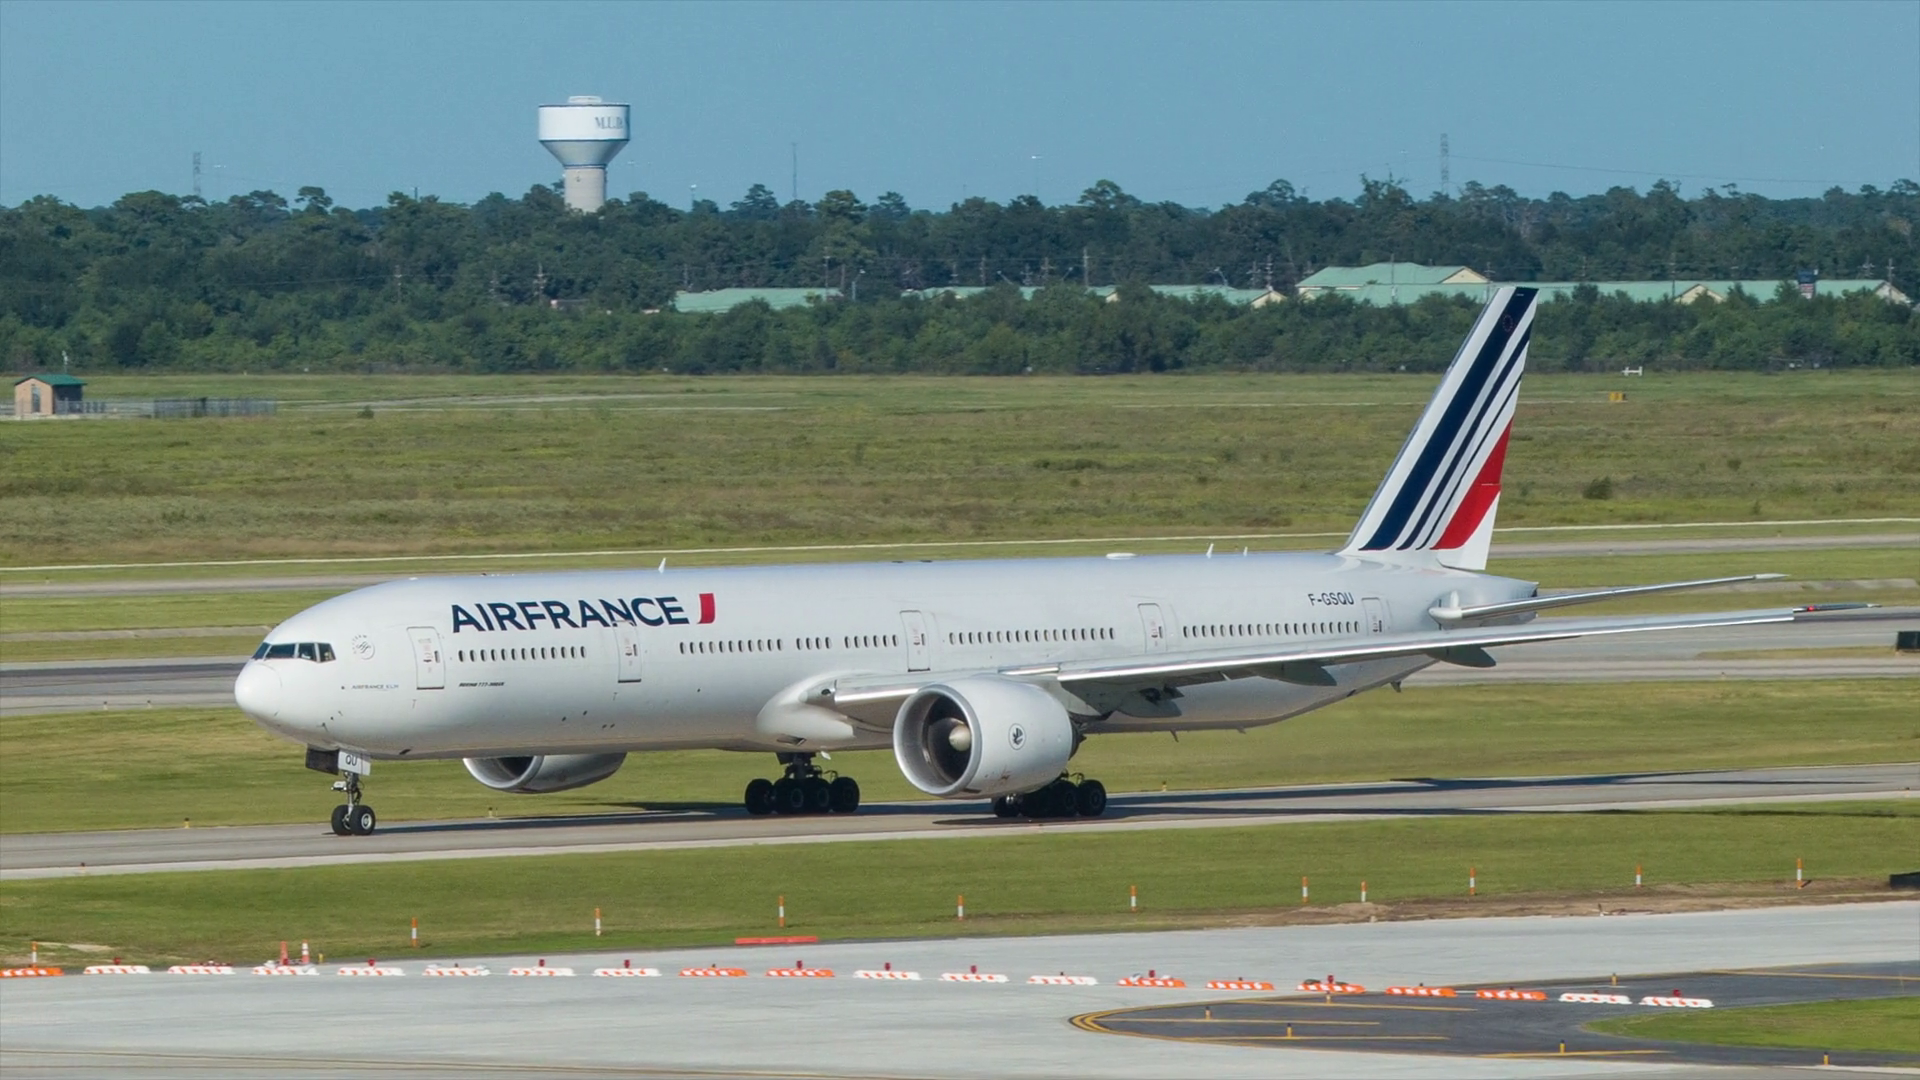 Обои авиалайнер, Singapore airlines, airbus, Самолёт, 300. Авиация foto 2